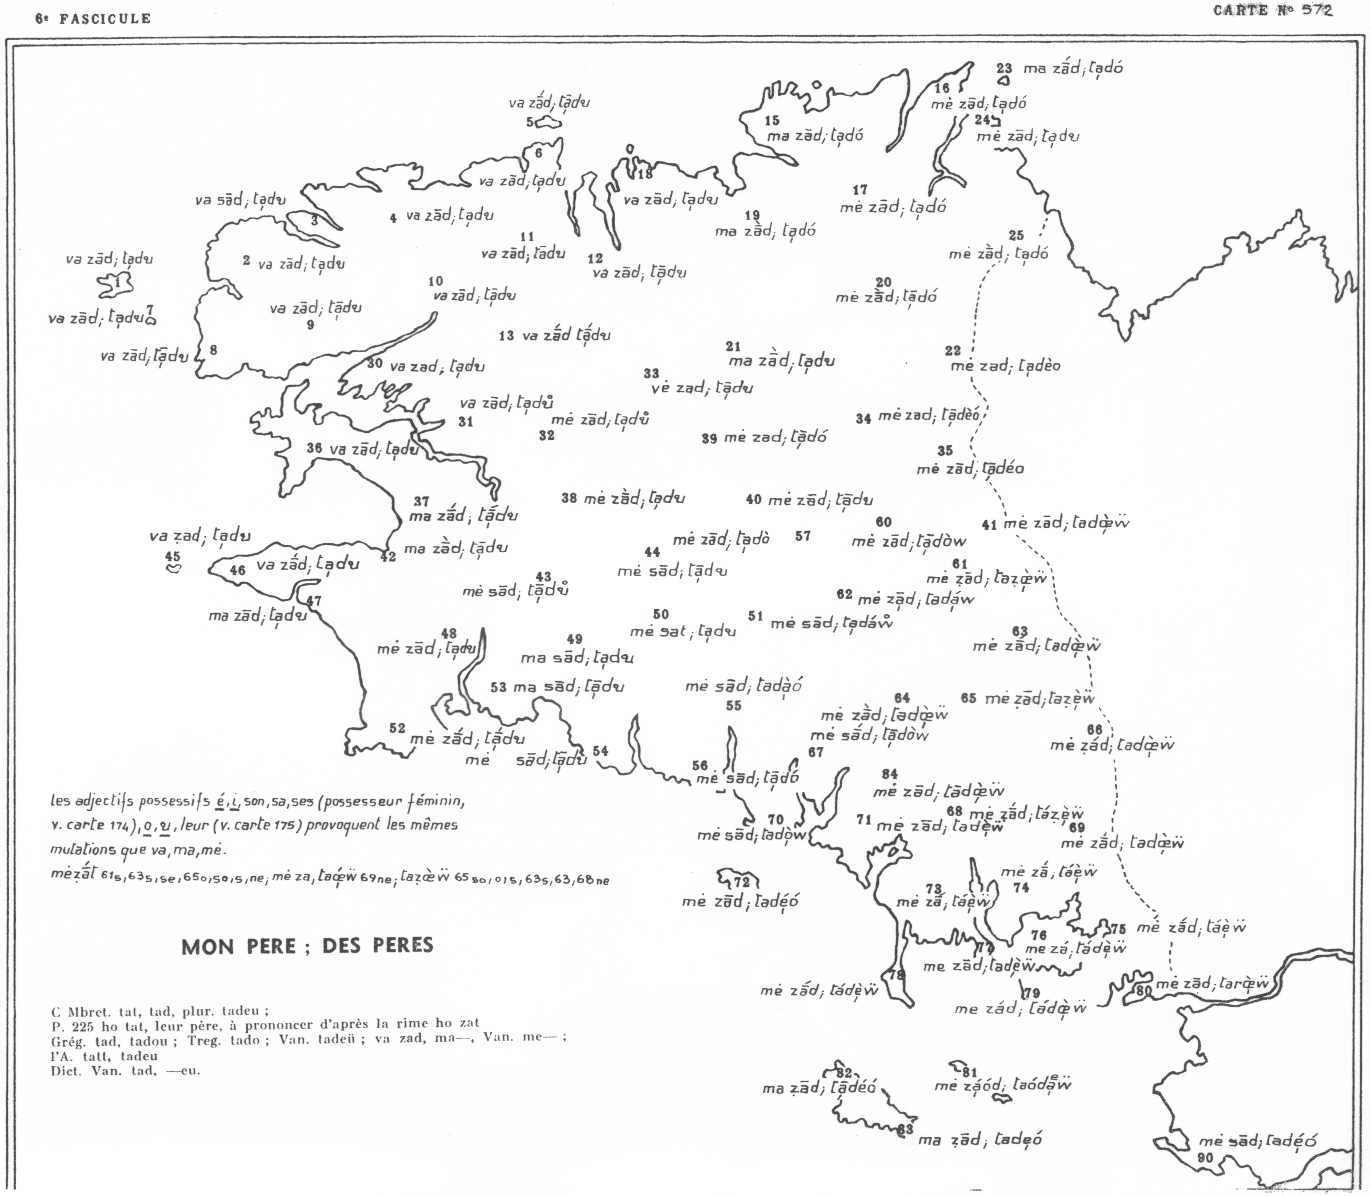 entendre parler breton